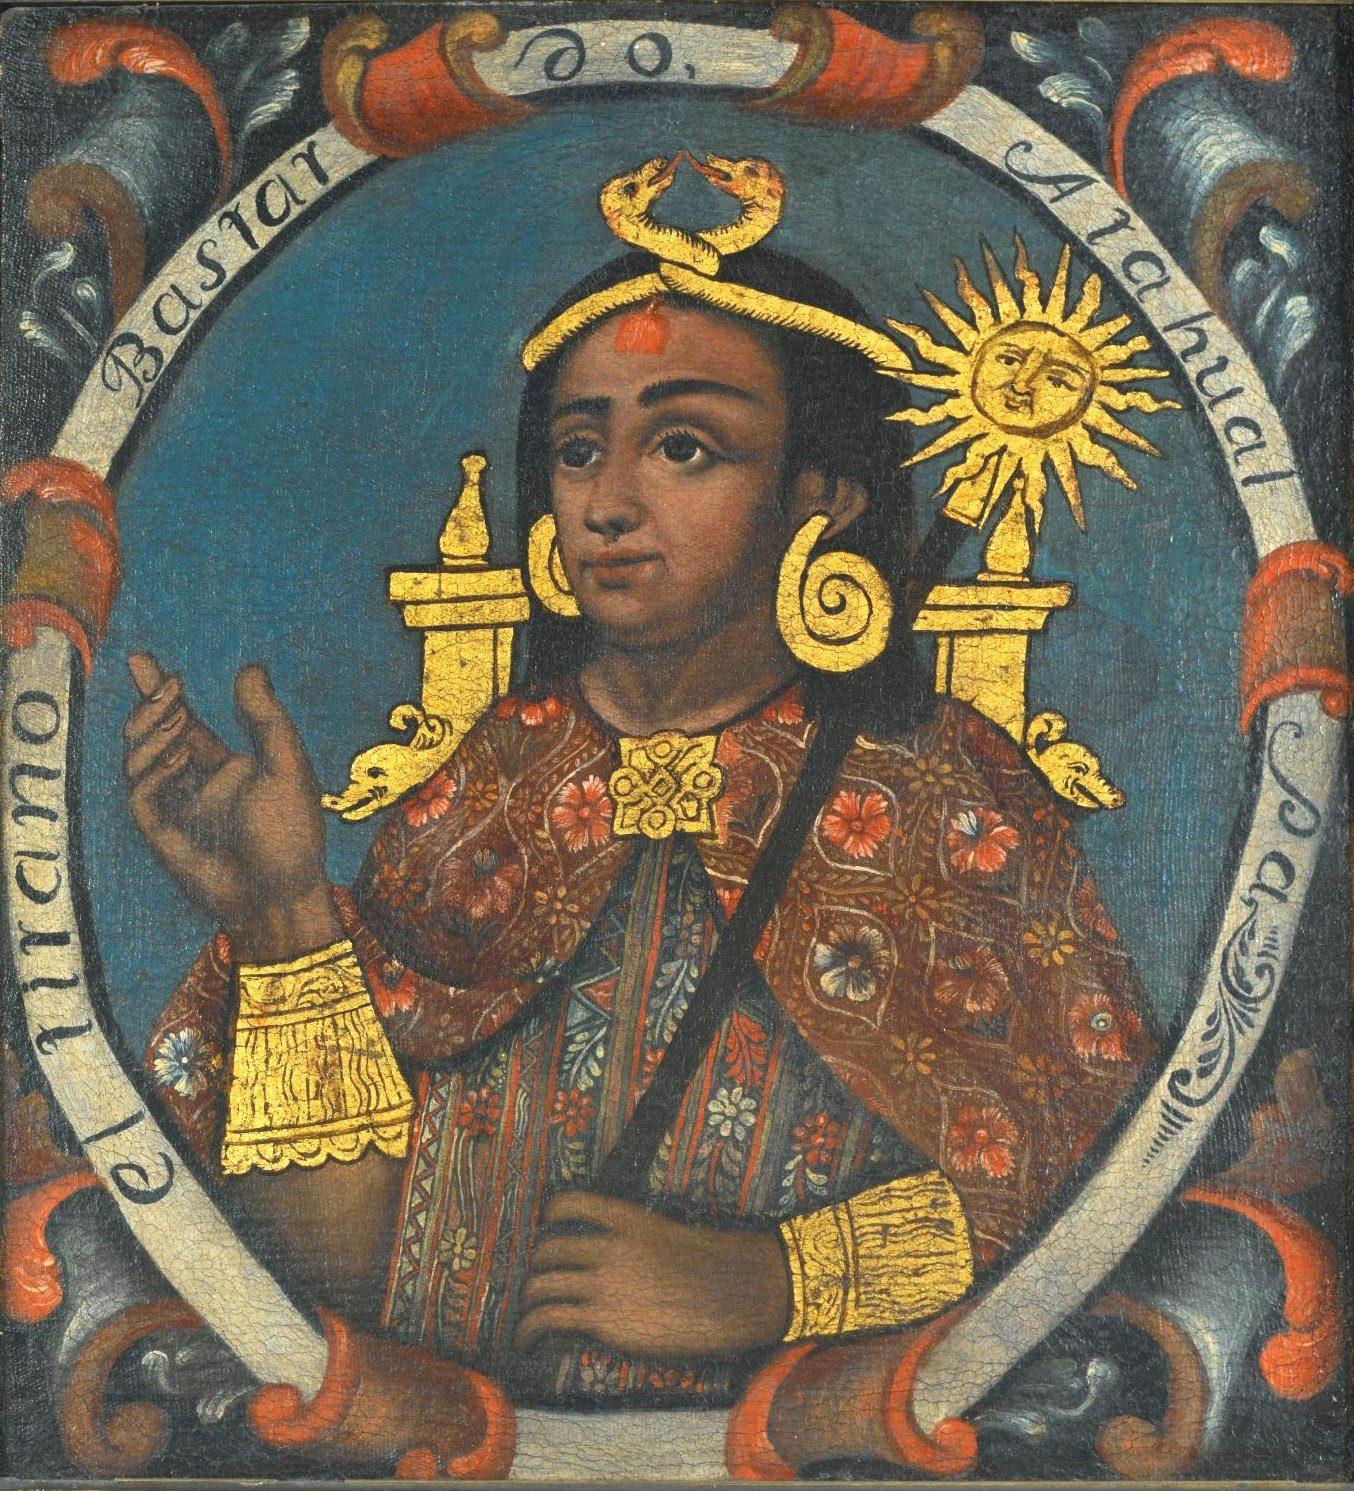 Atawallpa (1507-1533), 14º Sapa Inca (1532-1533), soberano do império indígena andino assassinado pelos conquistadores espanhóis. Imagem do Brooklyn Museum, Nova York.